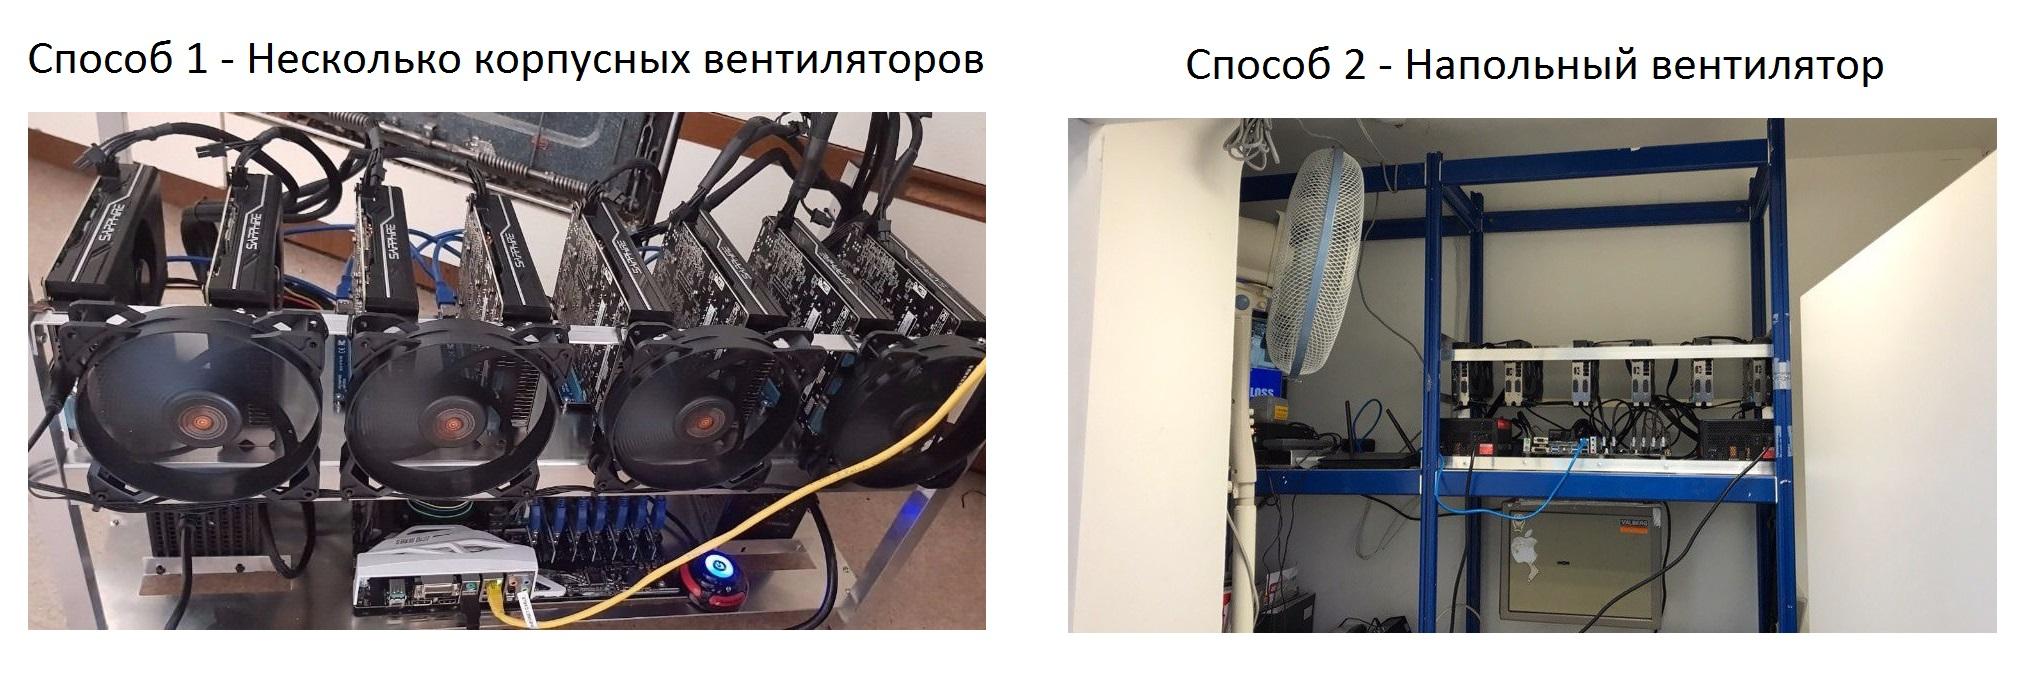 1513067608.jpg